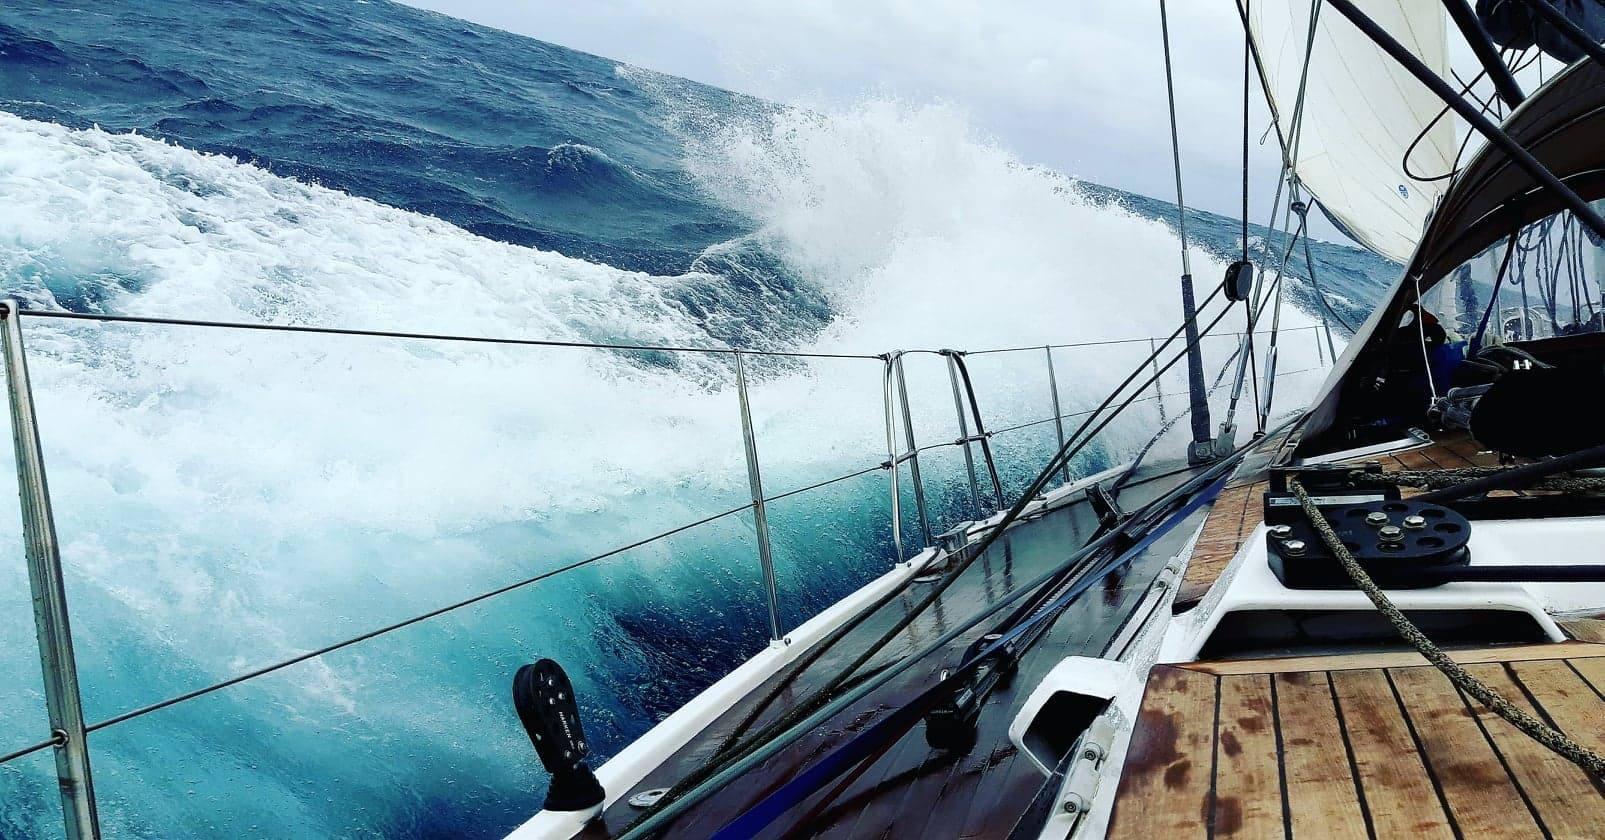 Les vagues énormes